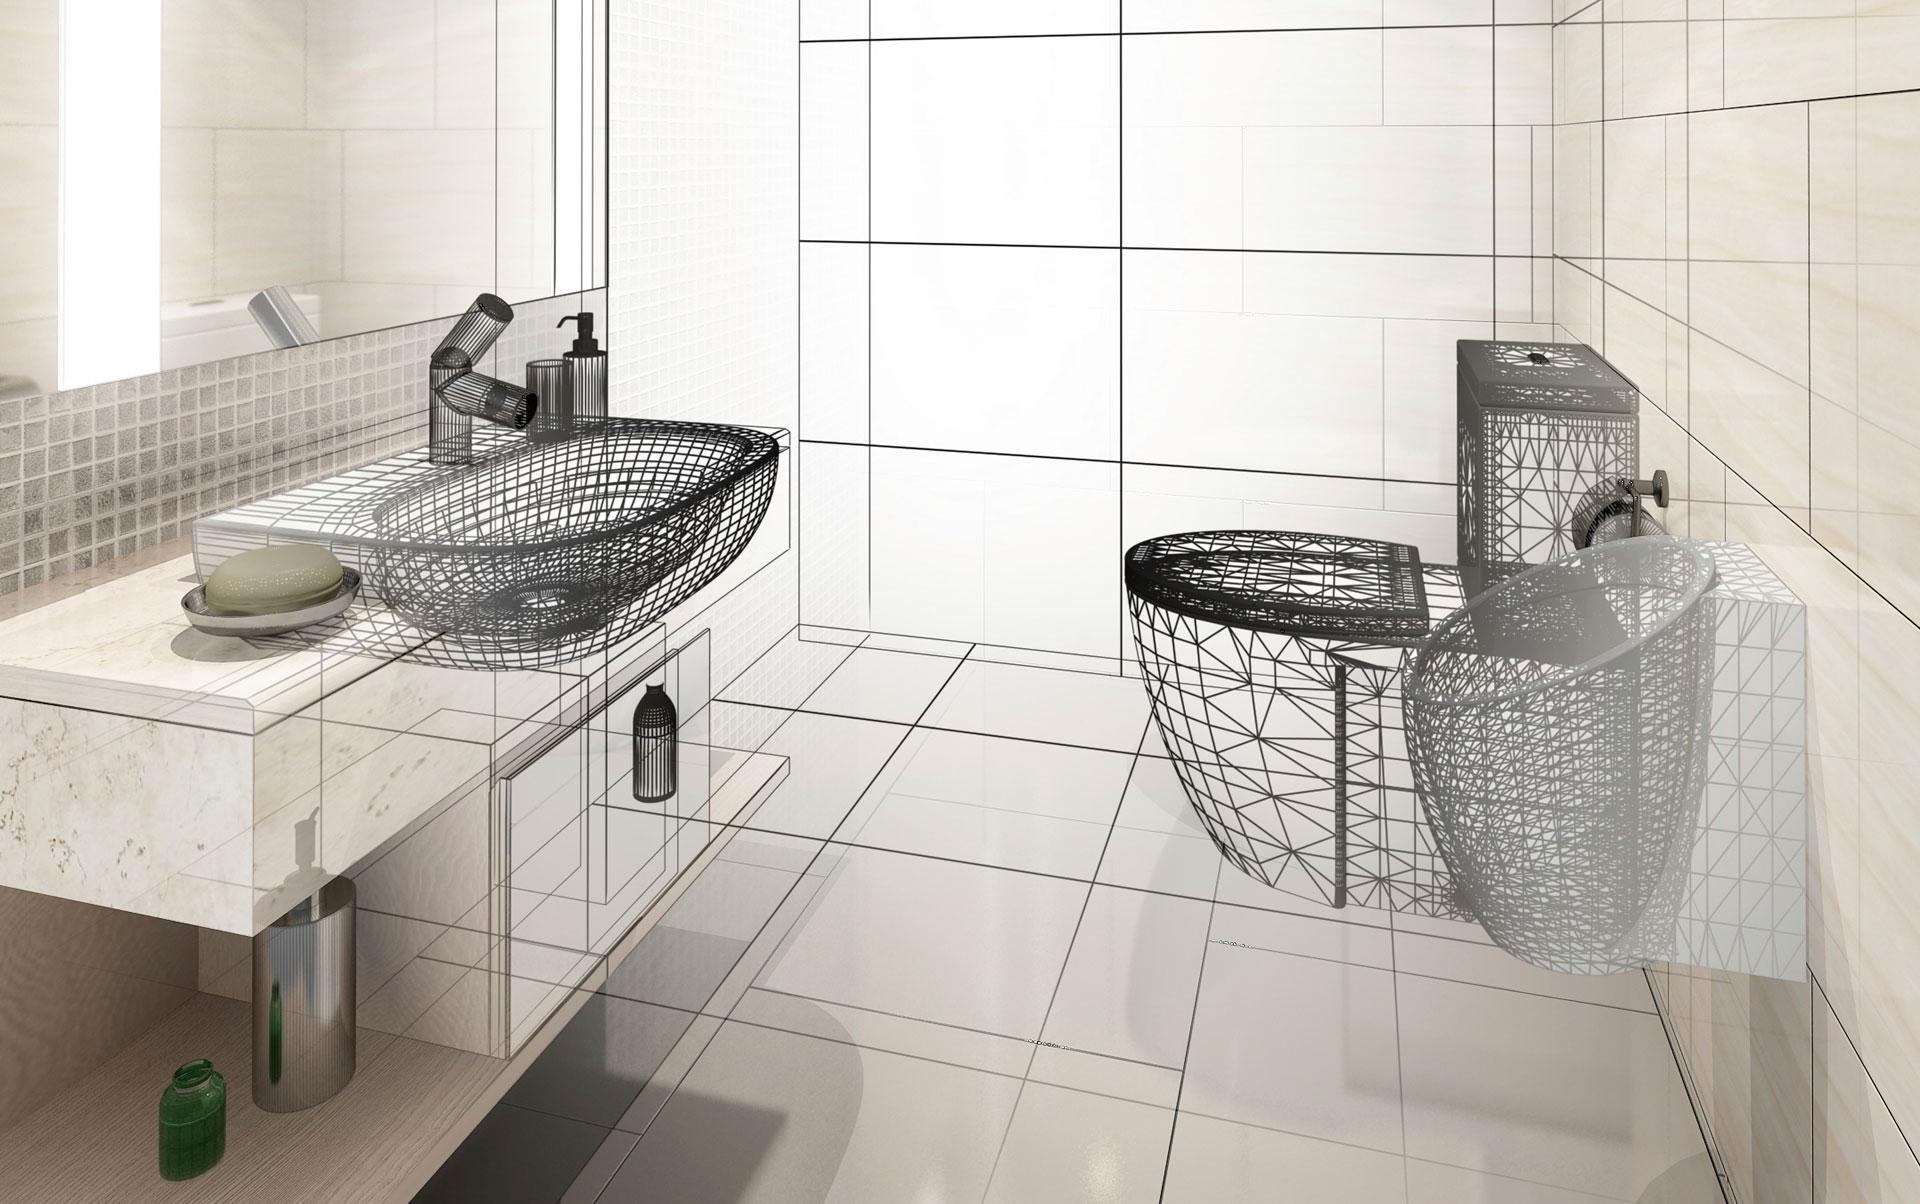 Guida ristrutturazione del bagno 2015 tecnici professione - Ristrutturazione del bagno ...